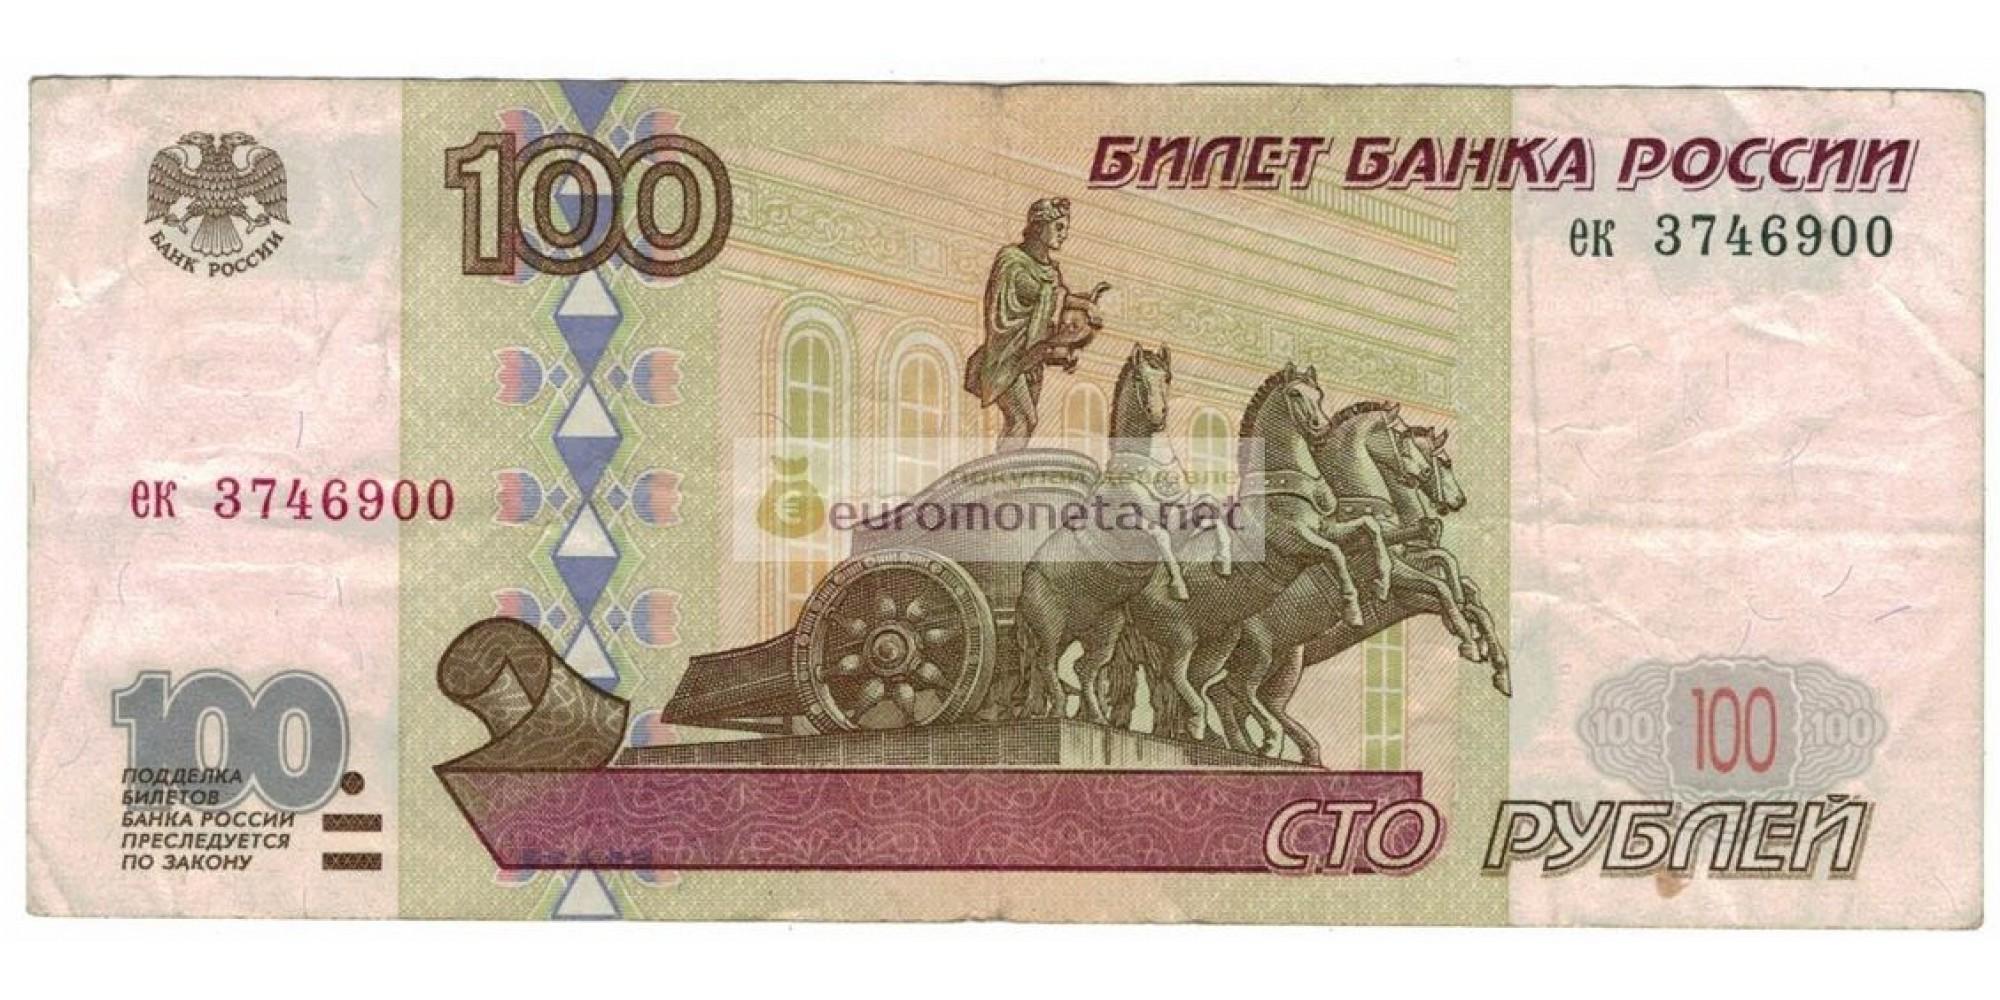 Россия 100 рублей 1997 год без модификации серия ек 3746900